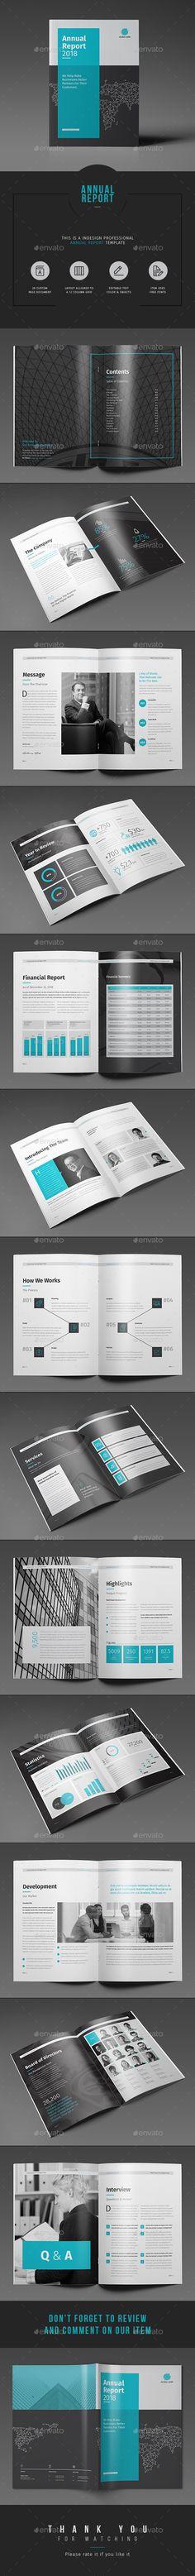 Annual Report Template InDesign INDD. Download here… la parte de answer y questions esta filete para los próximos informes